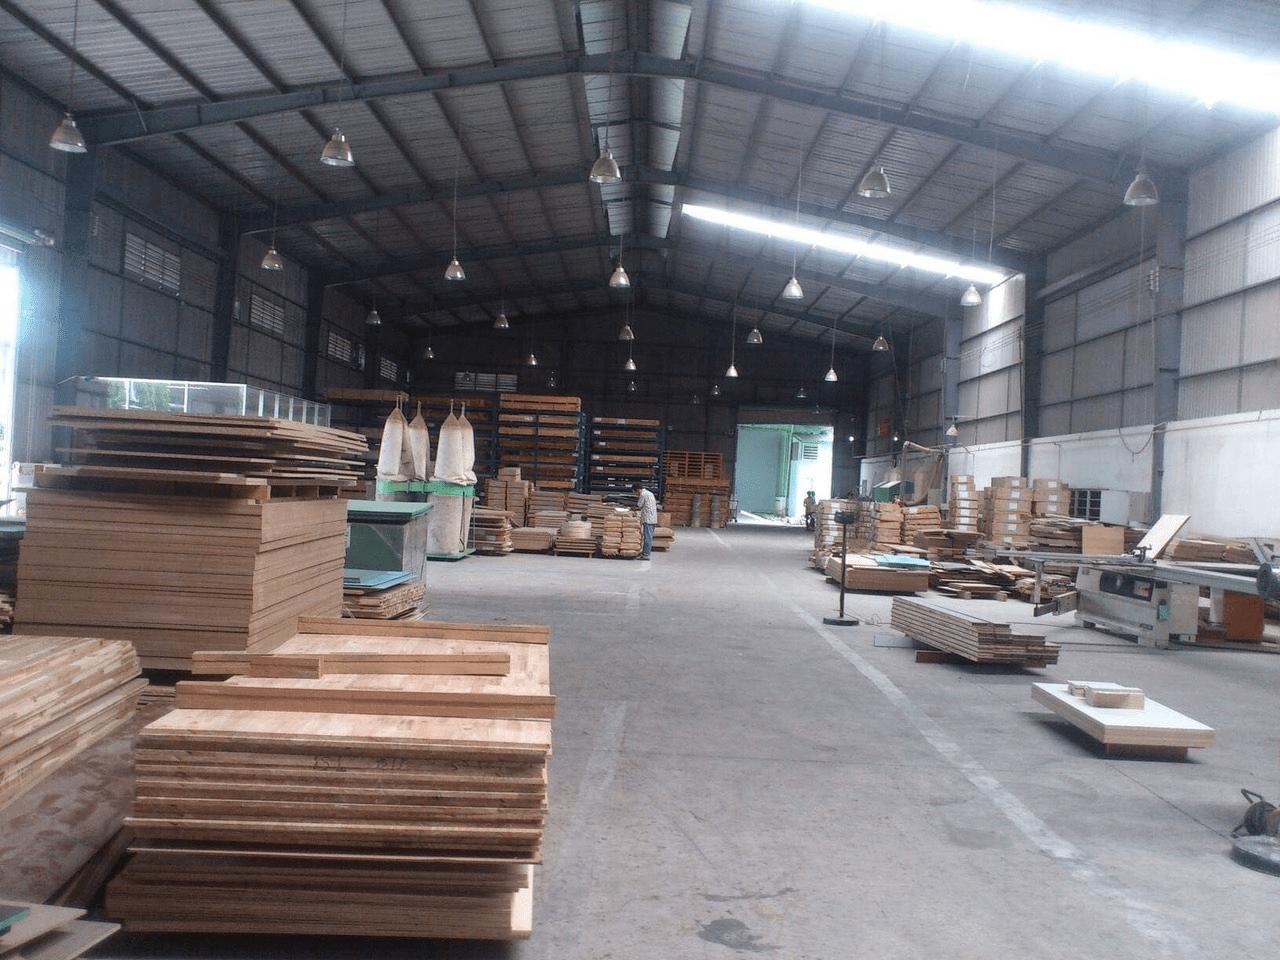 Xưởng sản xuất đồ gỗ nội thất Mộc Decor